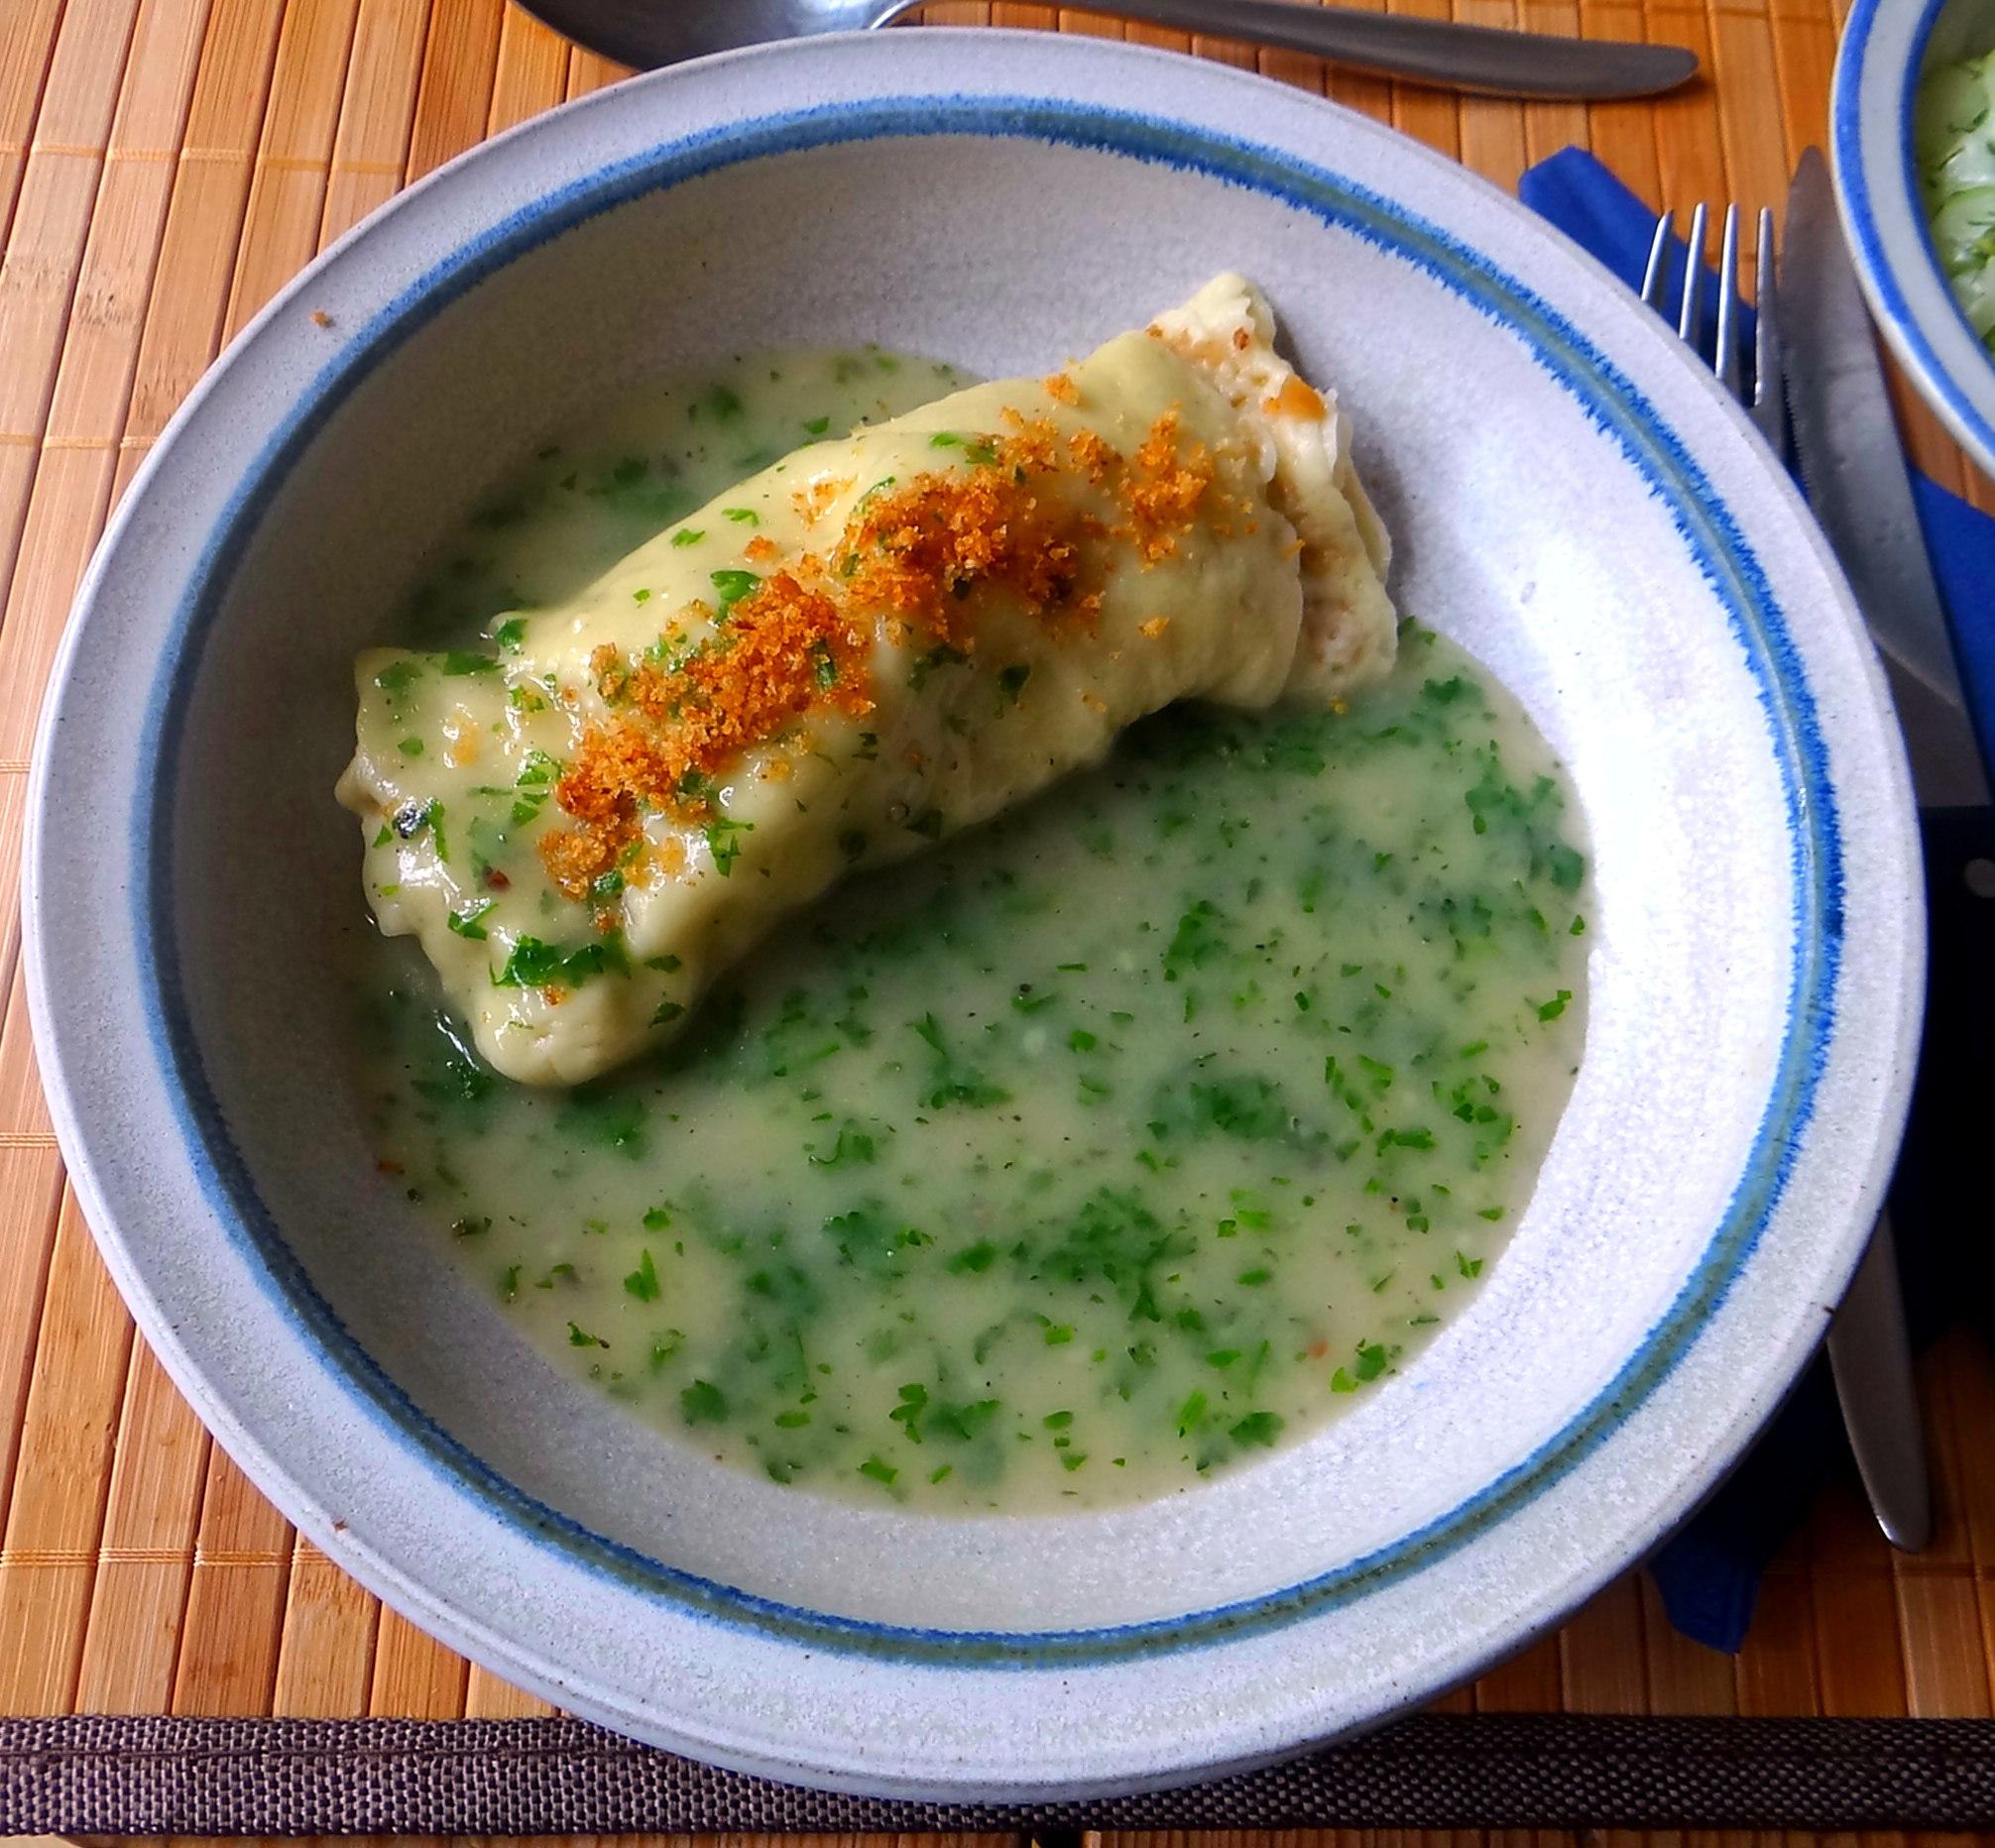 Wickelklöße,Petersiliensoße,Gurkensalat,Joghurtspeise (30)